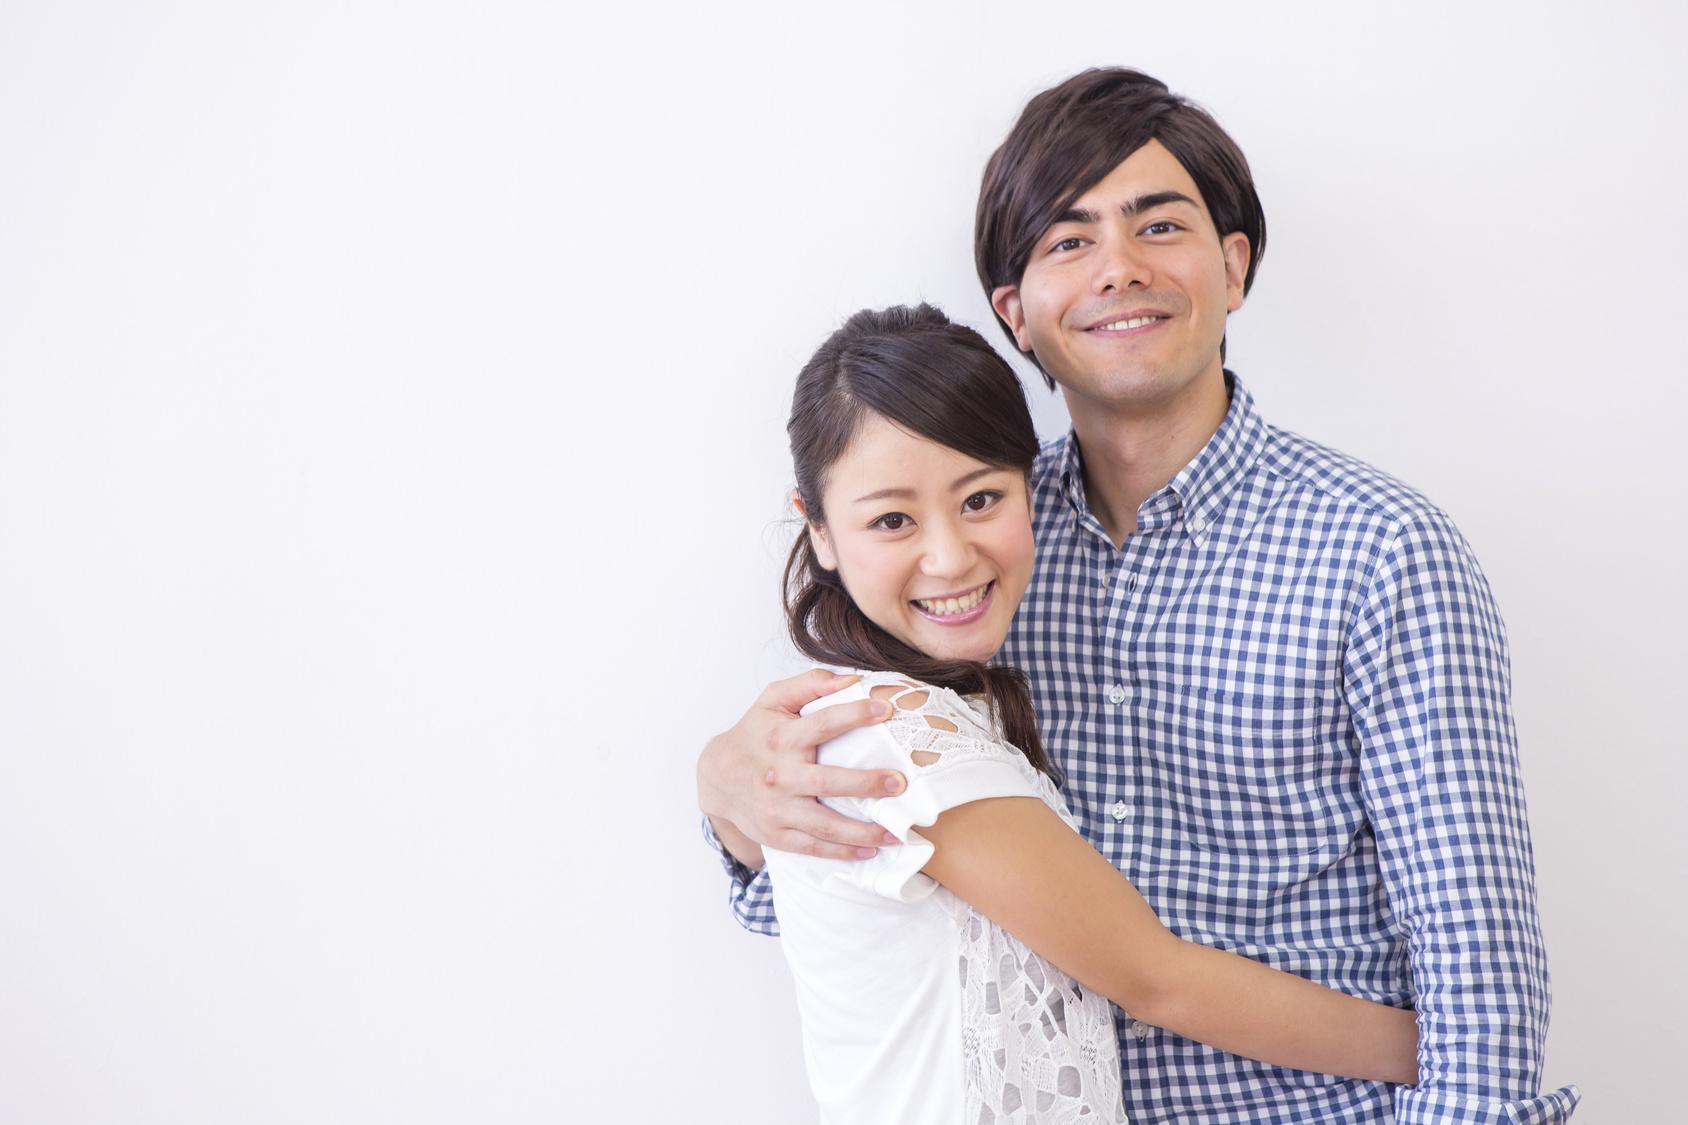 外国人の男性と日本人の女性